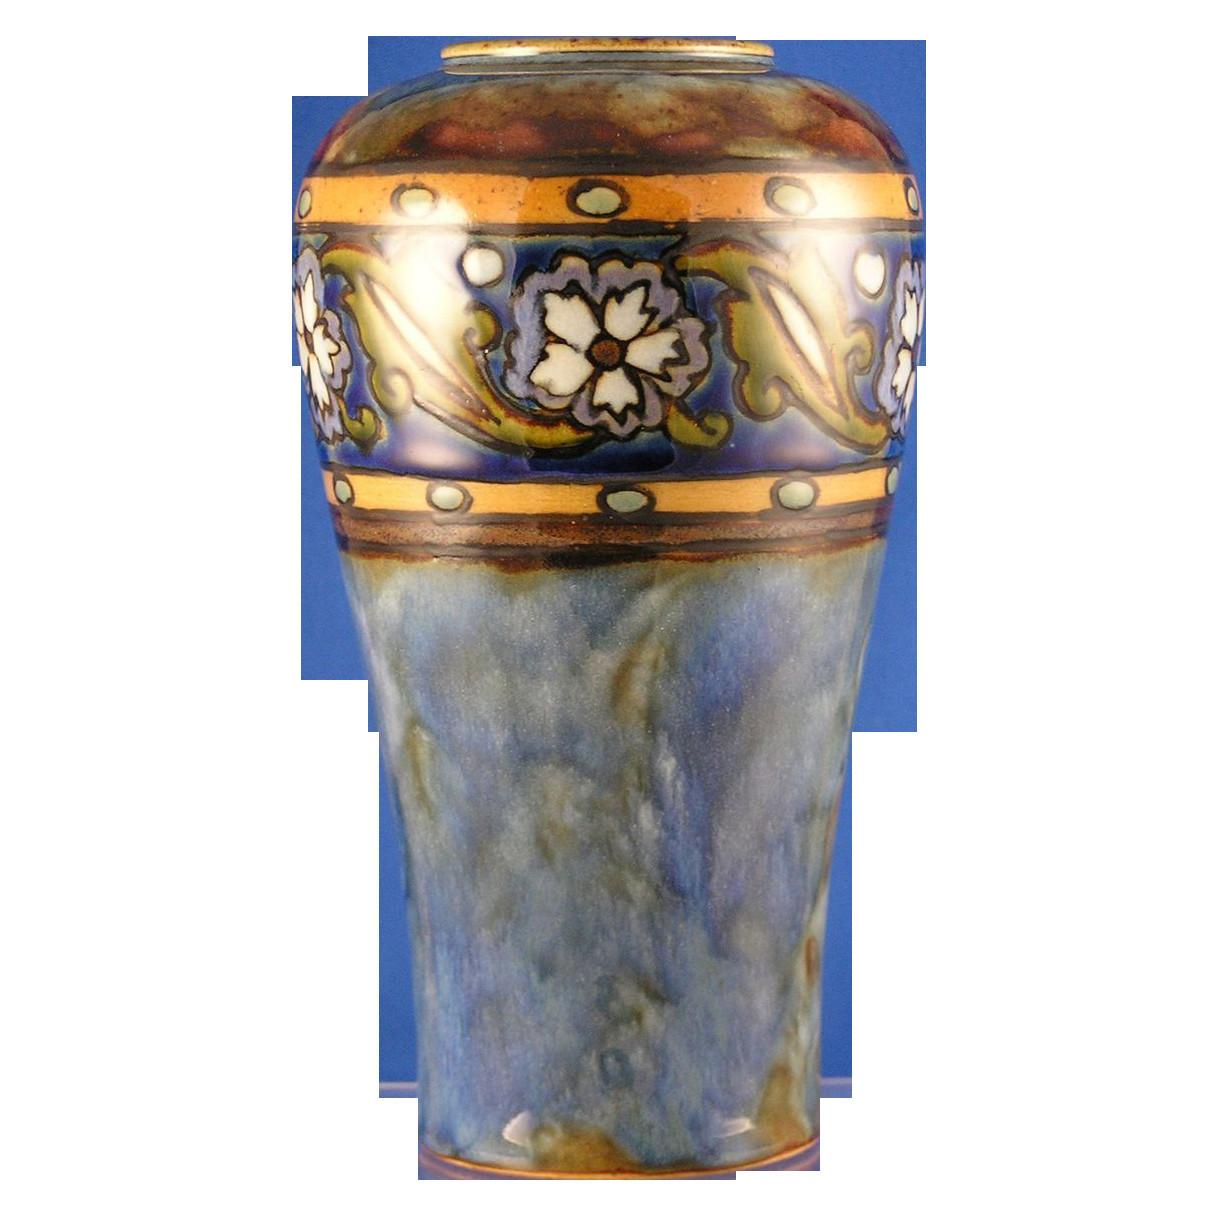 lalique vases images of arts and crafts vase pics diy home decor vaseh vases decorative throughout arts and crafts vase pics royal doulton arts crafts floral motif vase signed john huskinson